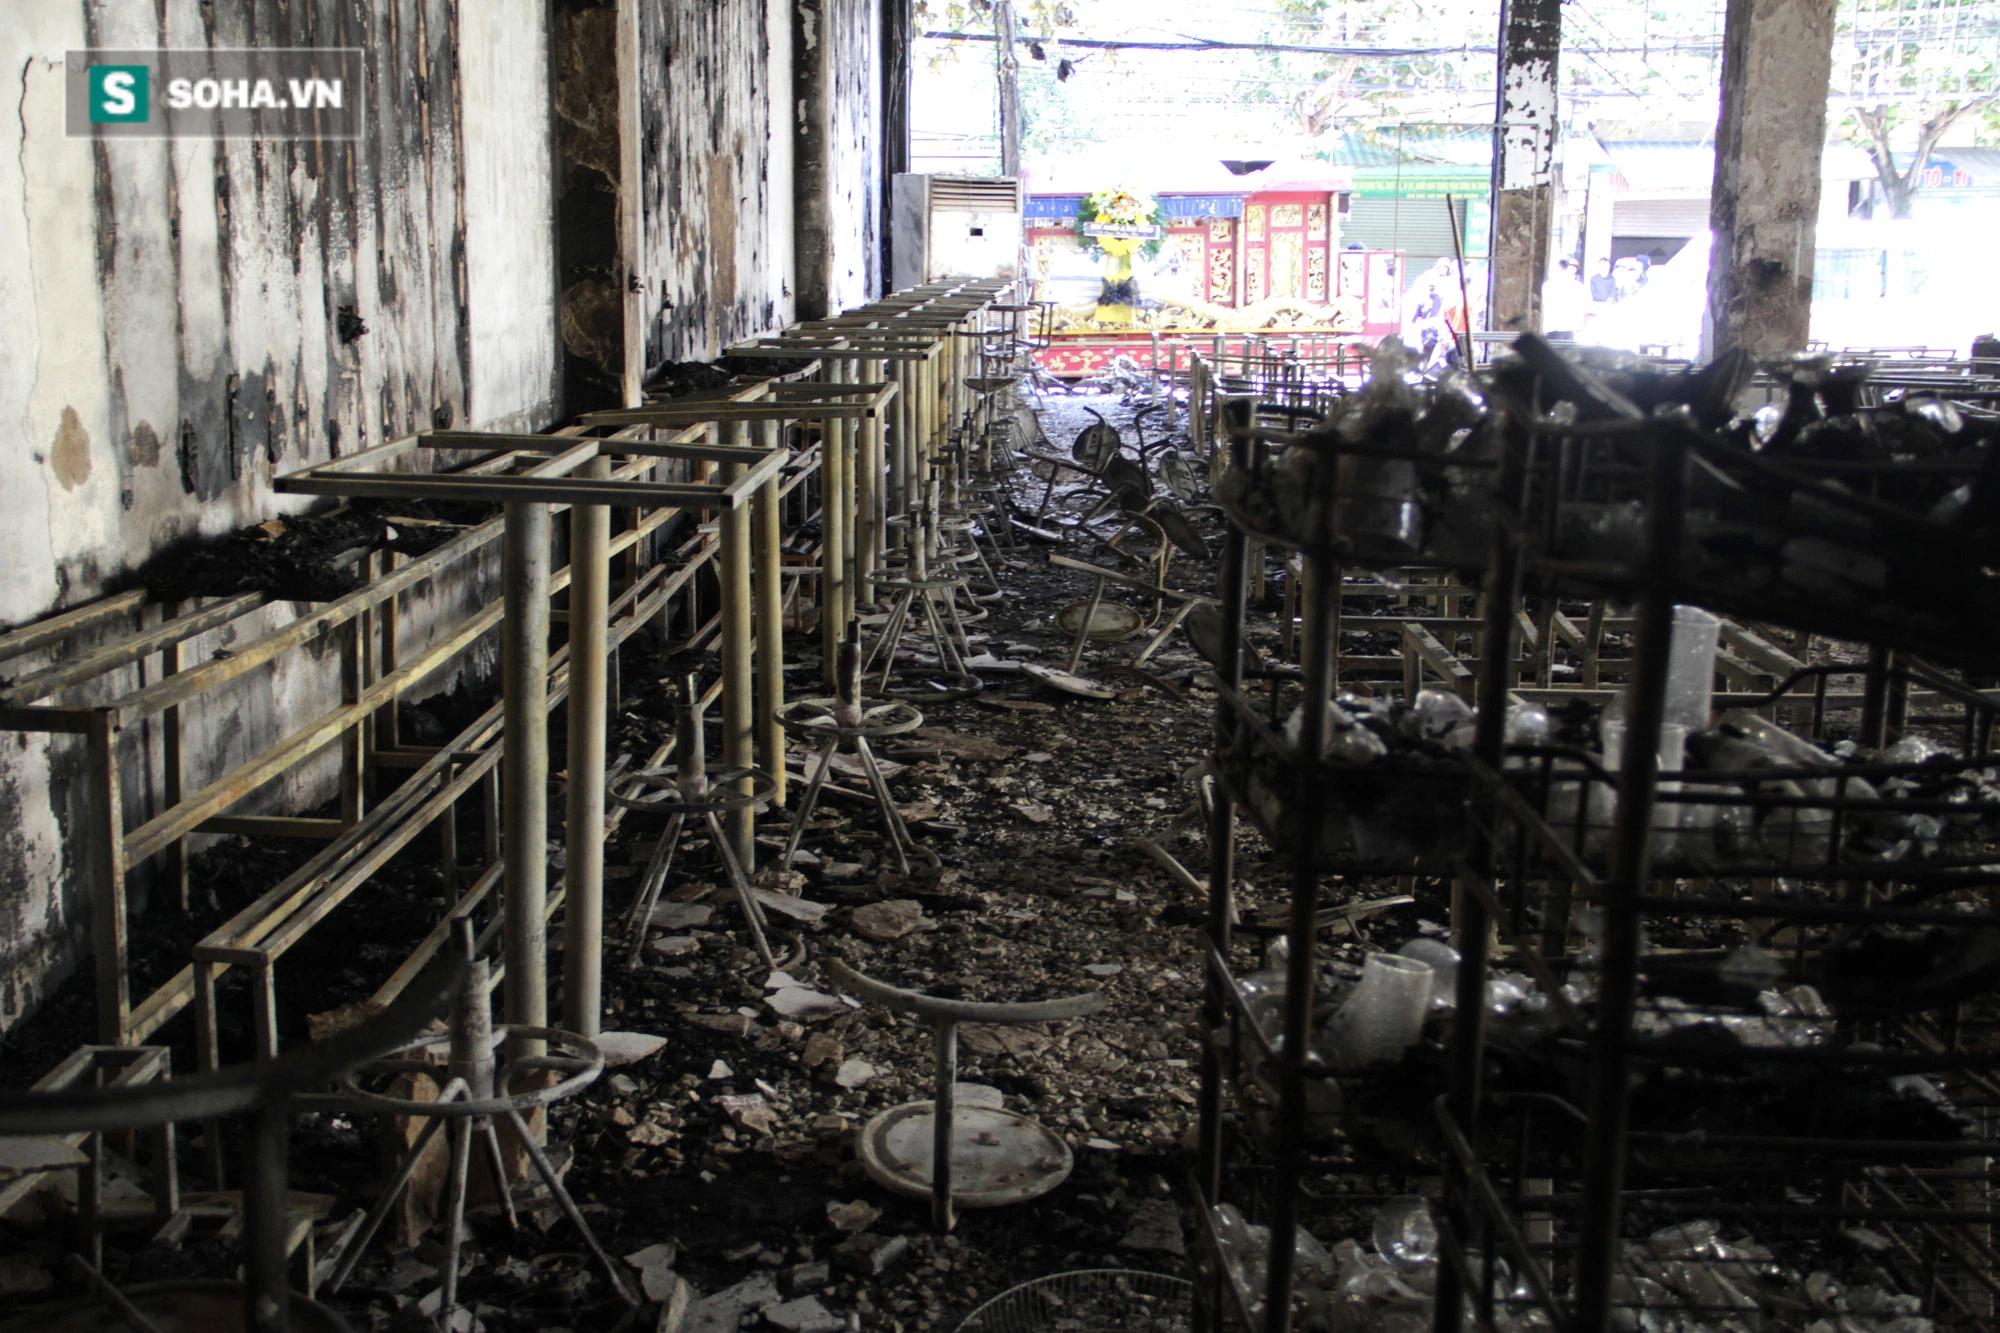 Cận cảnh hiện trường bên trong phòng trà bị cháy khiến 6 người tử vong ở Nghệ An - Ảnh 18.